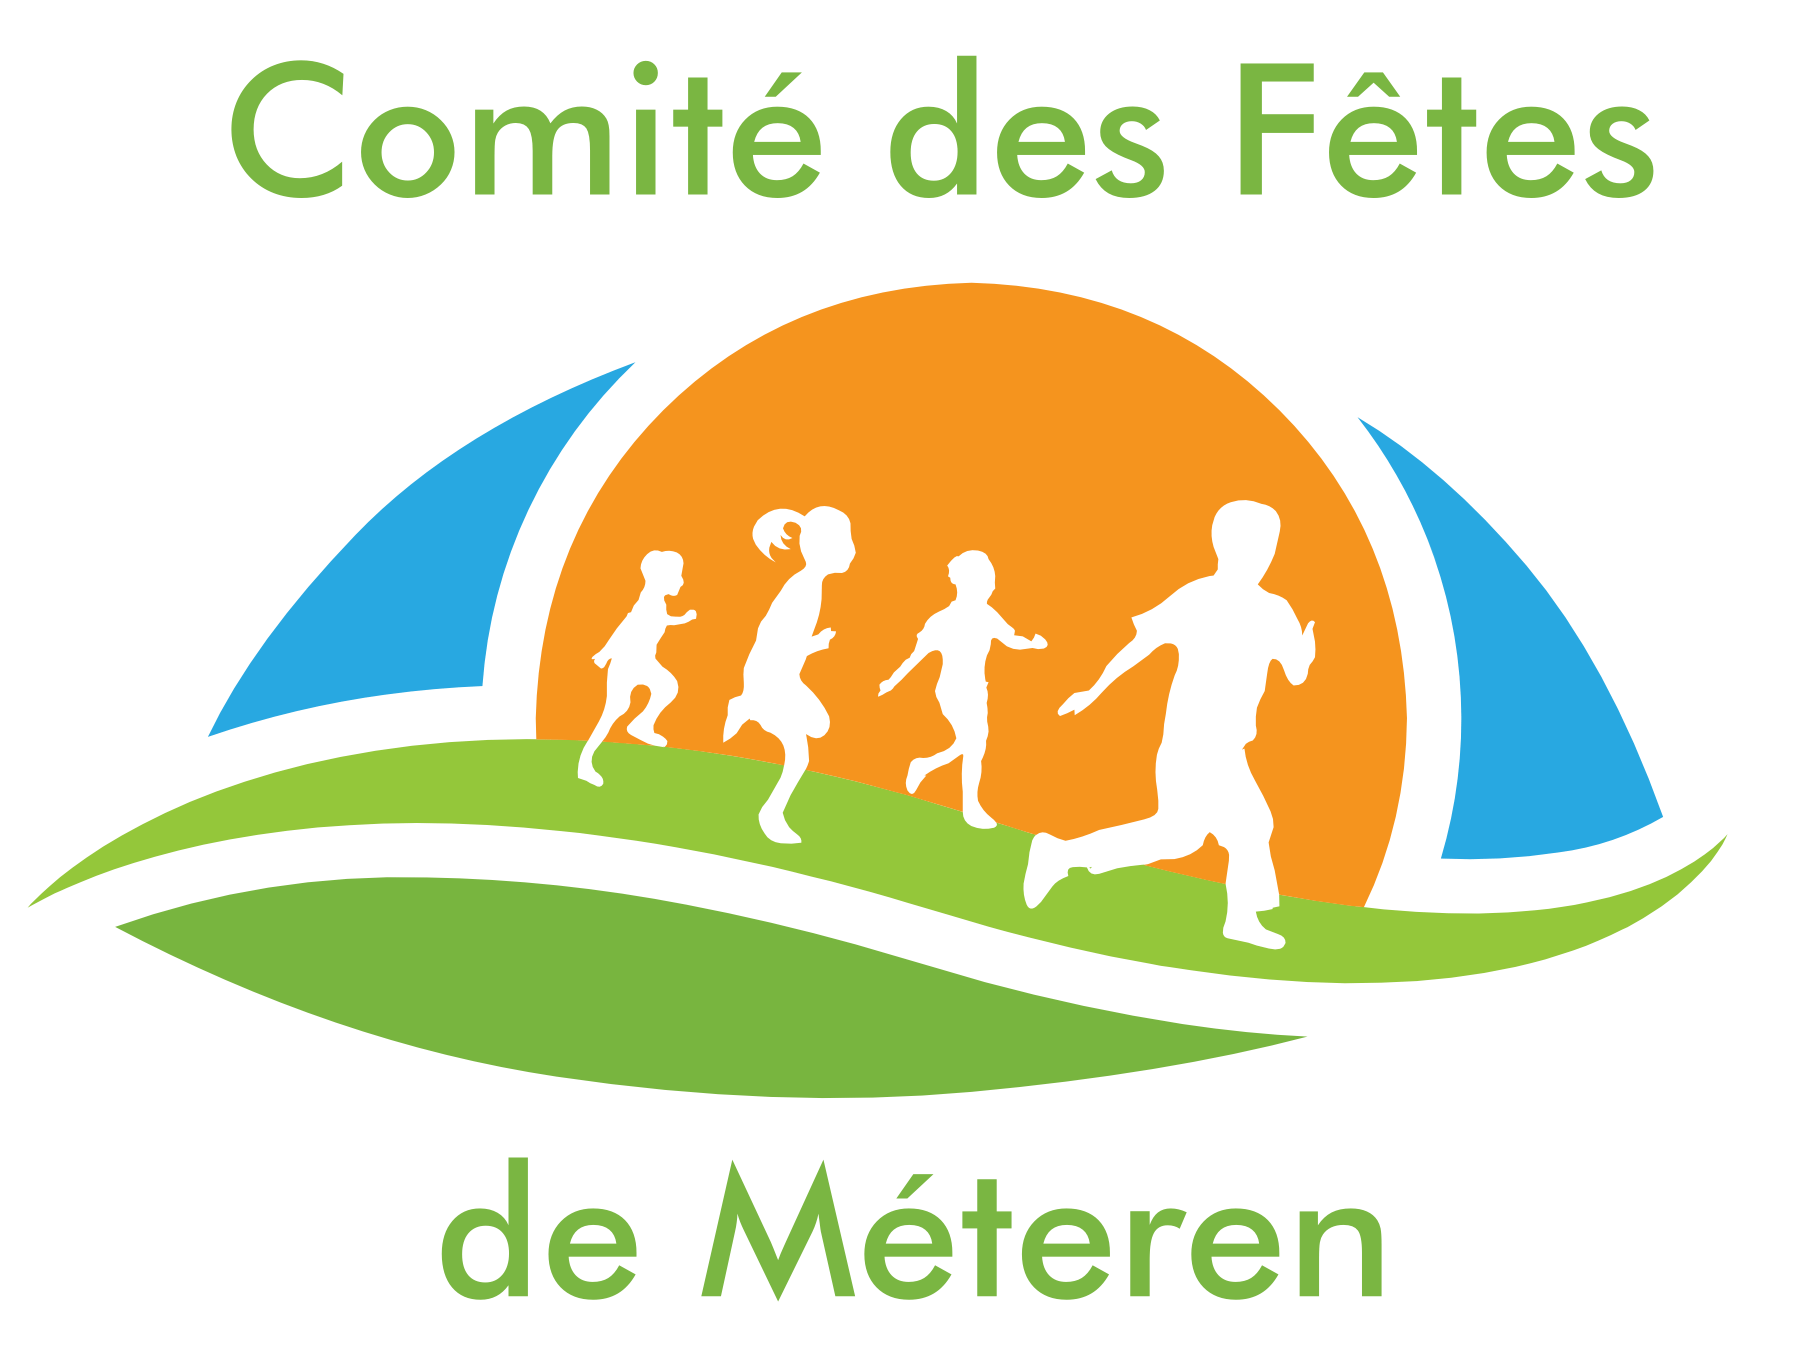 Comité des fêtes de Méteren